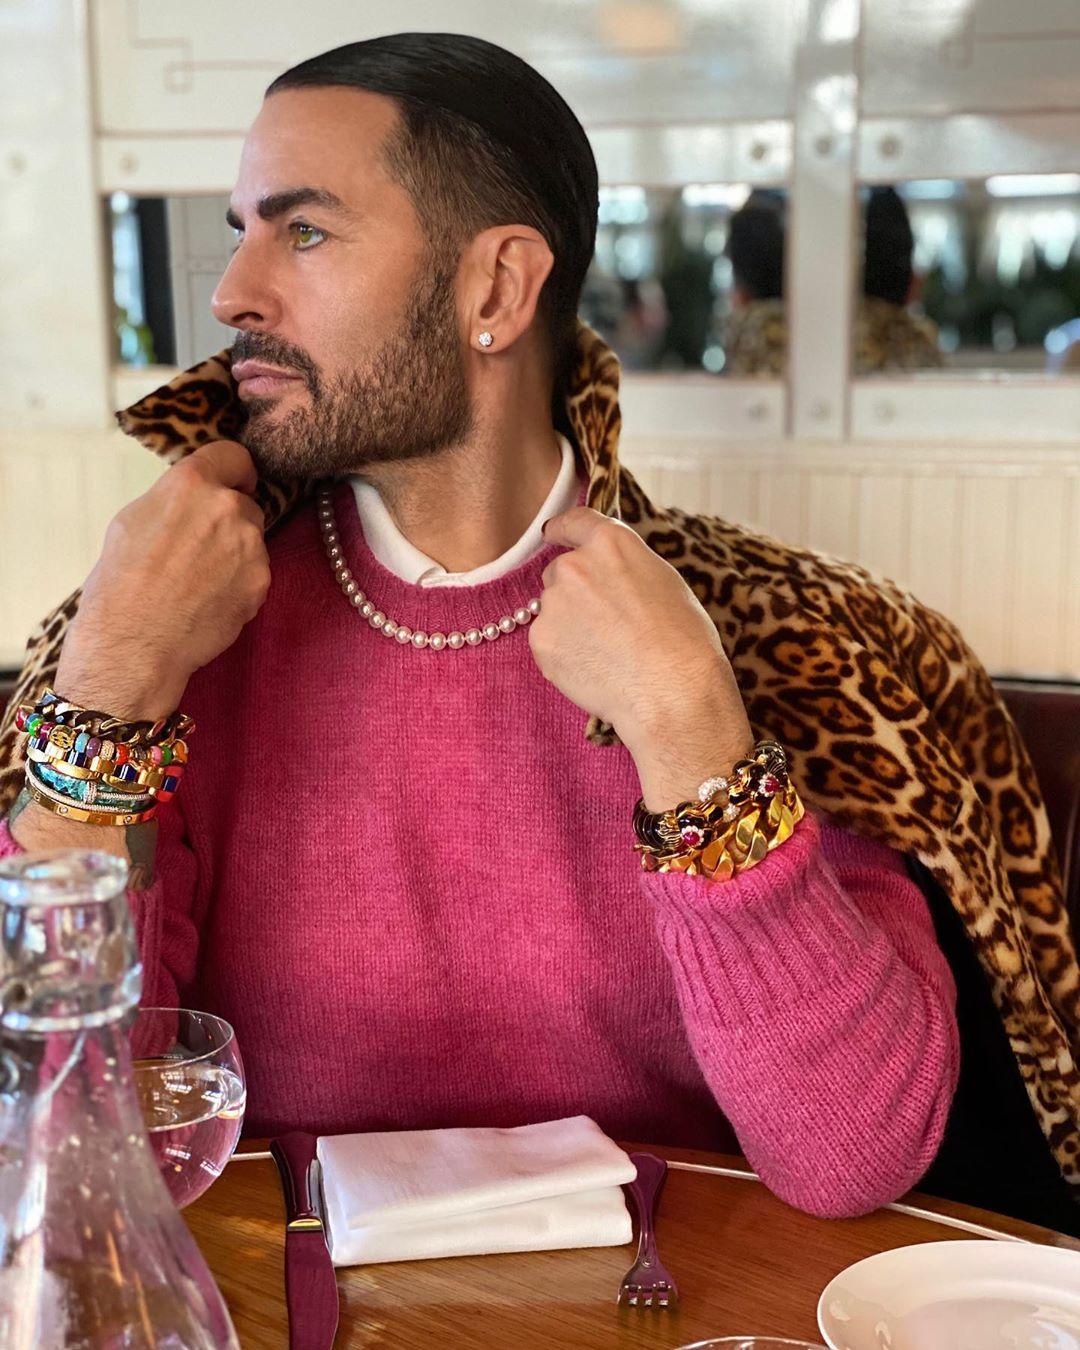 marc jacobs mặc áo len hồng áo khoác da báo phụ kiện vòng cổ ngọc trai